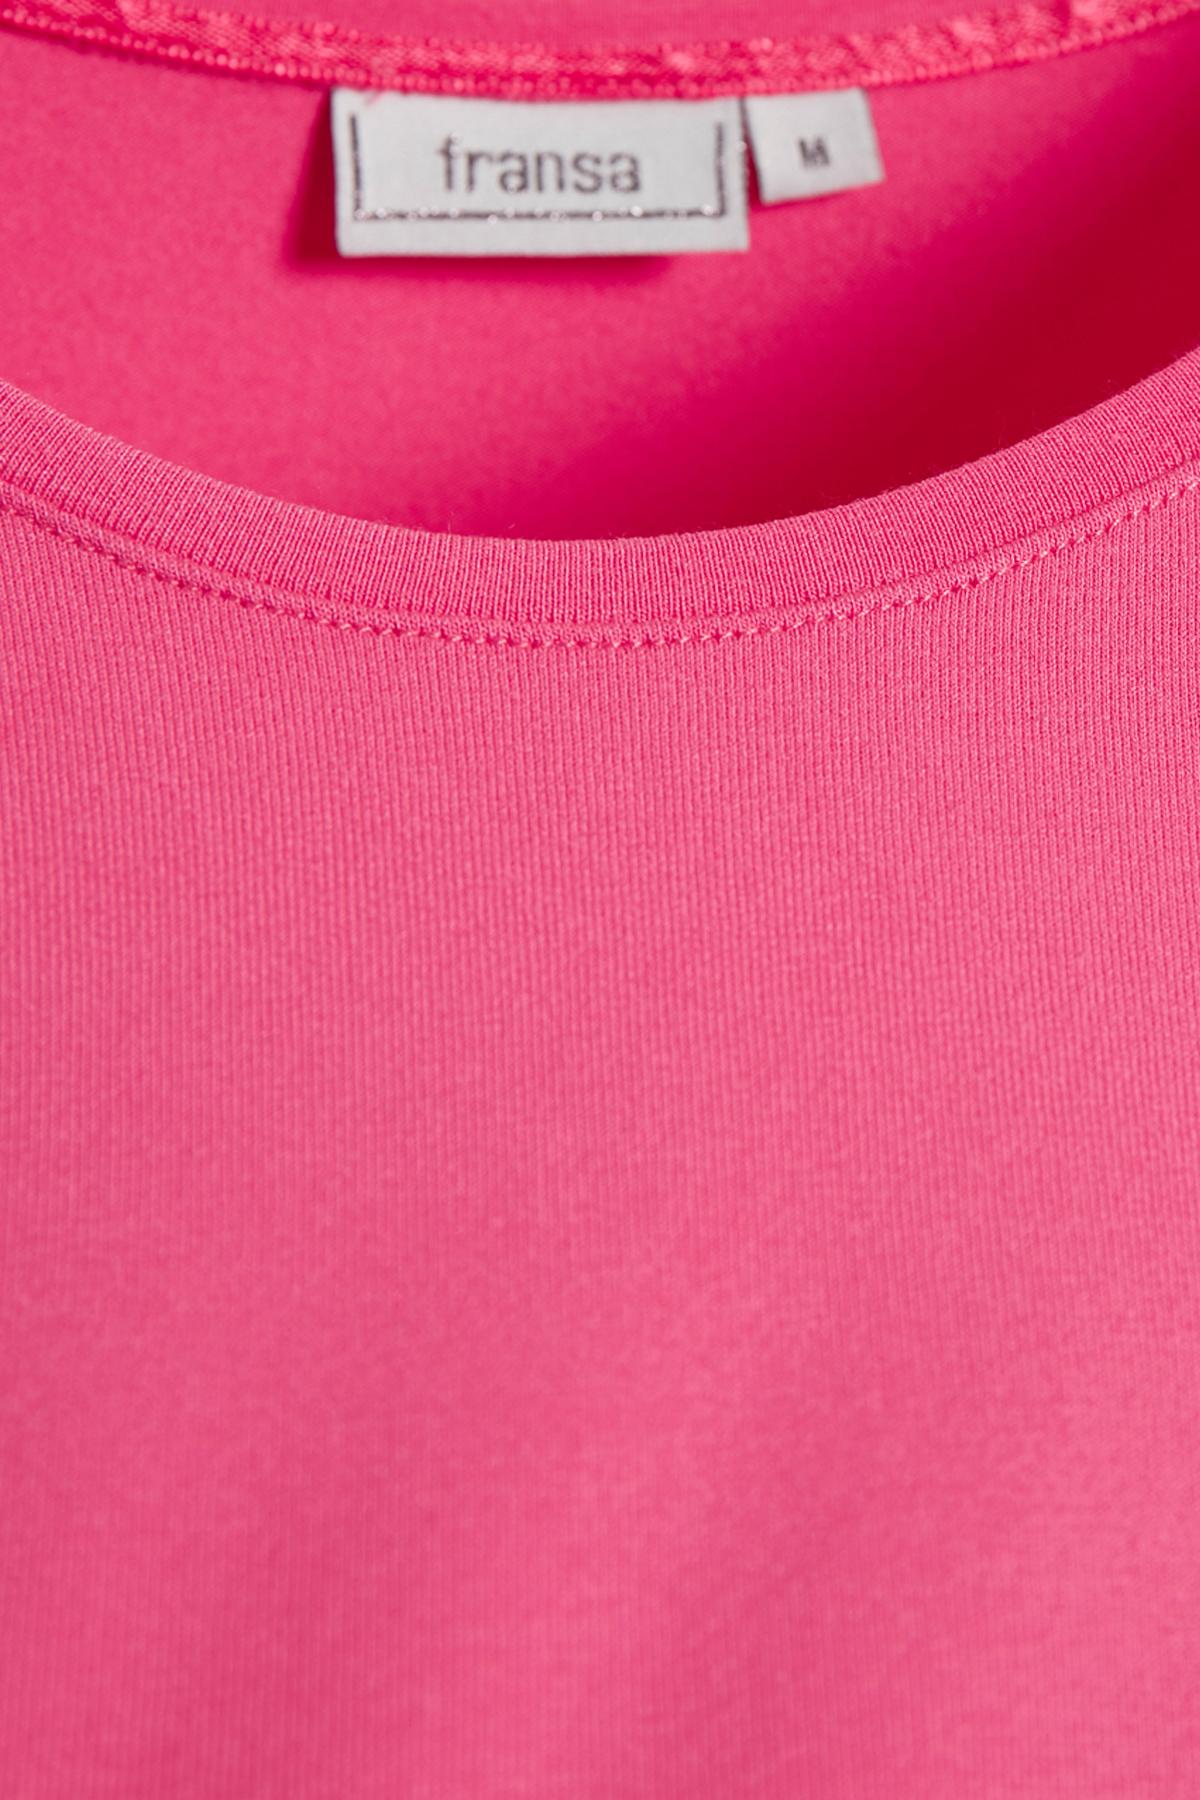 Cerise T-shirt van Fransa – Door Cerise T-shirt van maat. XS-XXL hier